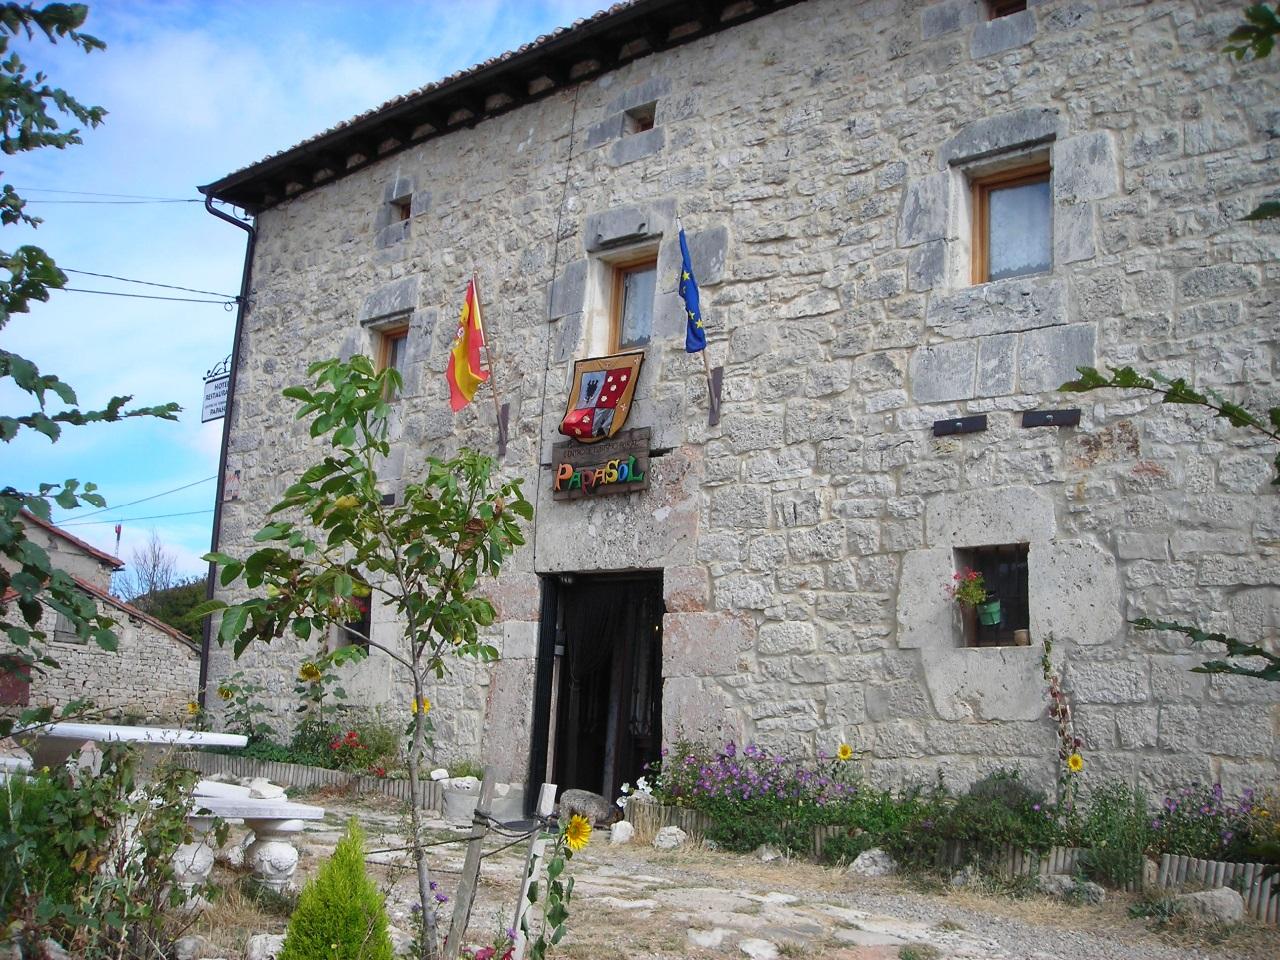 -eu-west-1.amazonaws.com/mobilia/Portals/inmoatrio/Images/5336/2419873